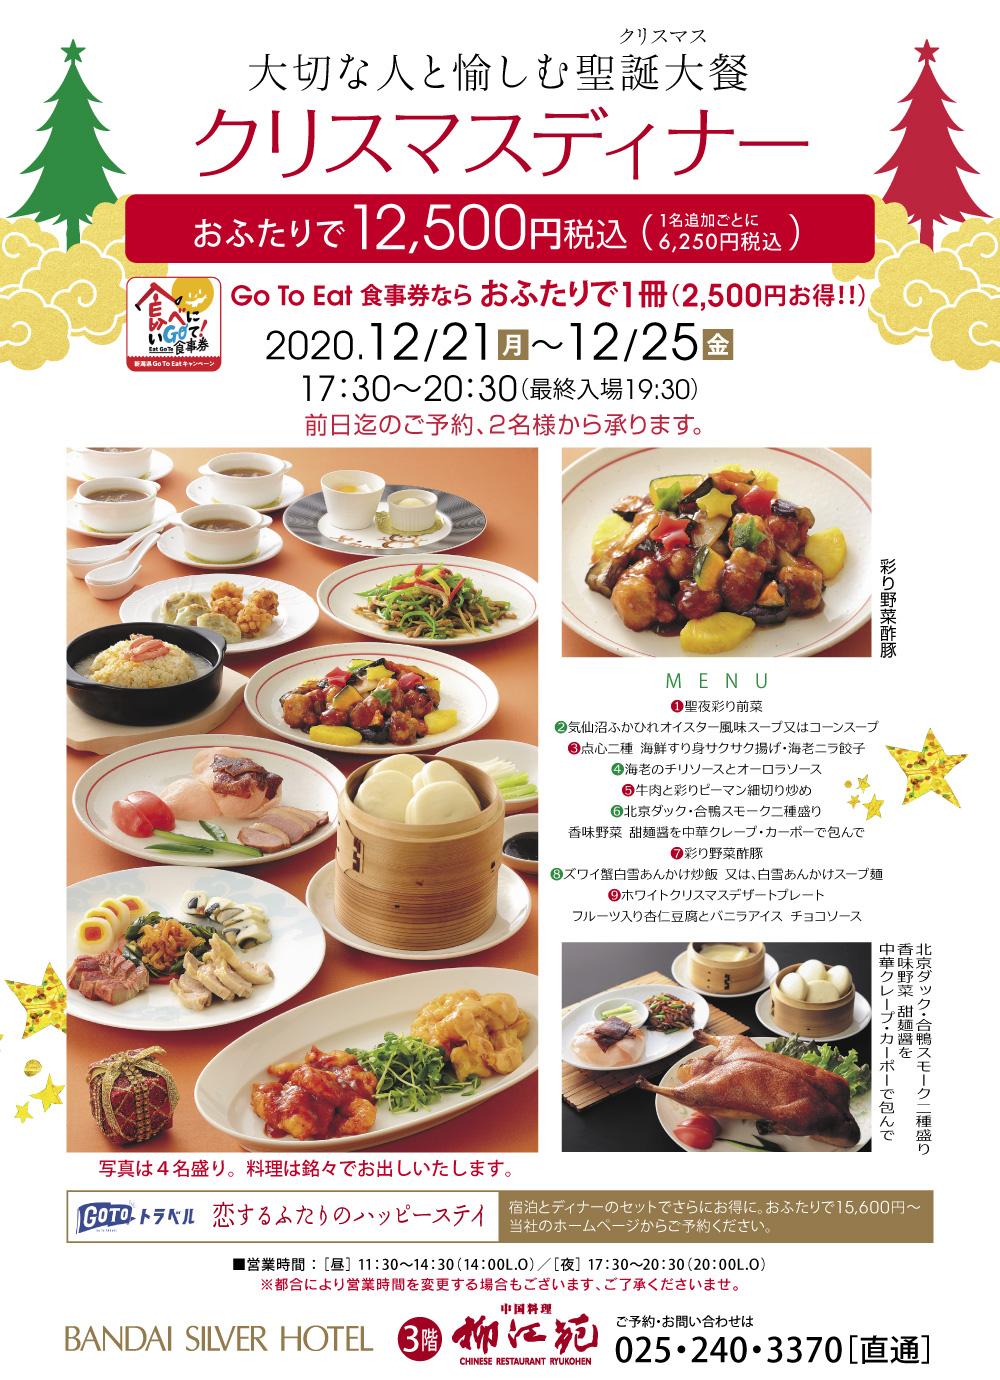 クリスマスディナー 柳江苑